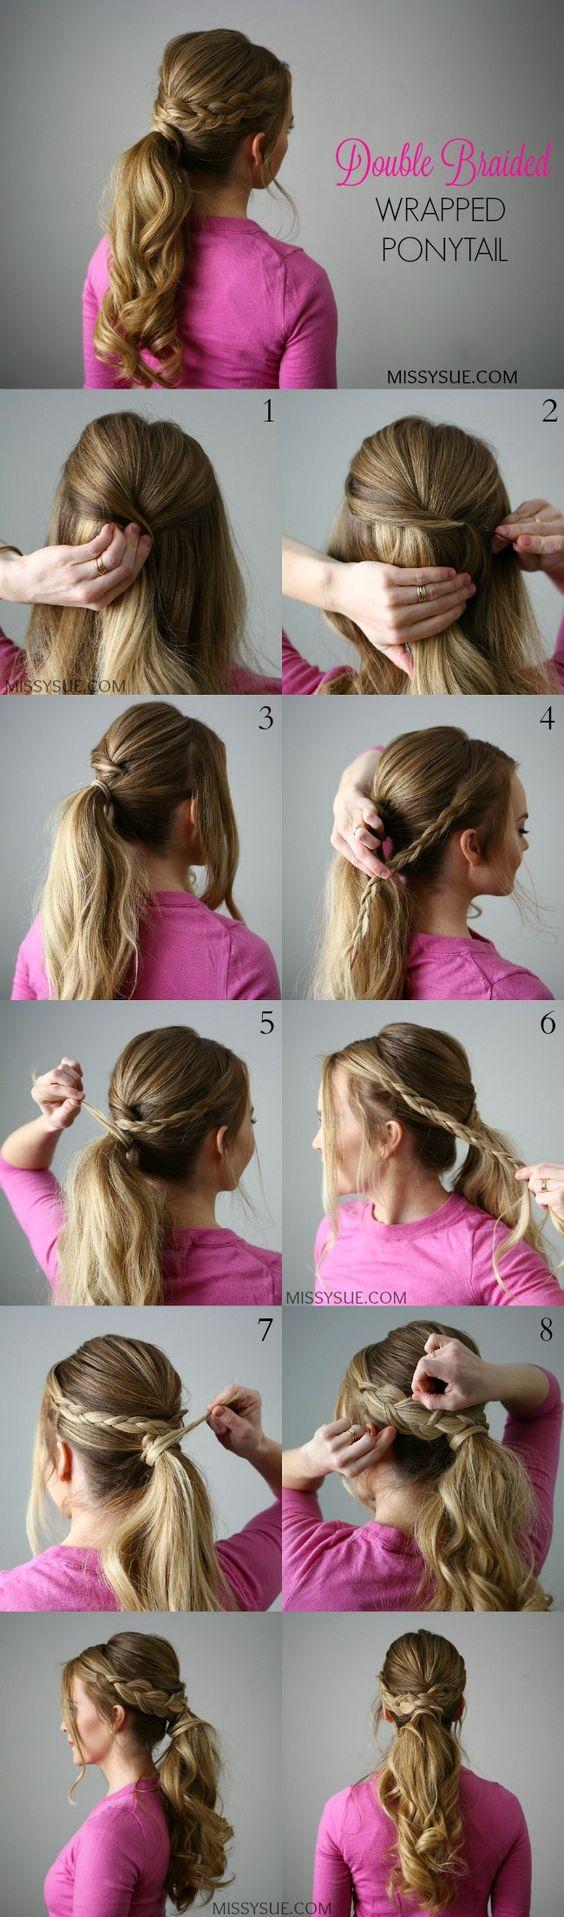 21 Tutorials voor styling Wrap around braids Hairstyles  tutorials styling braids around